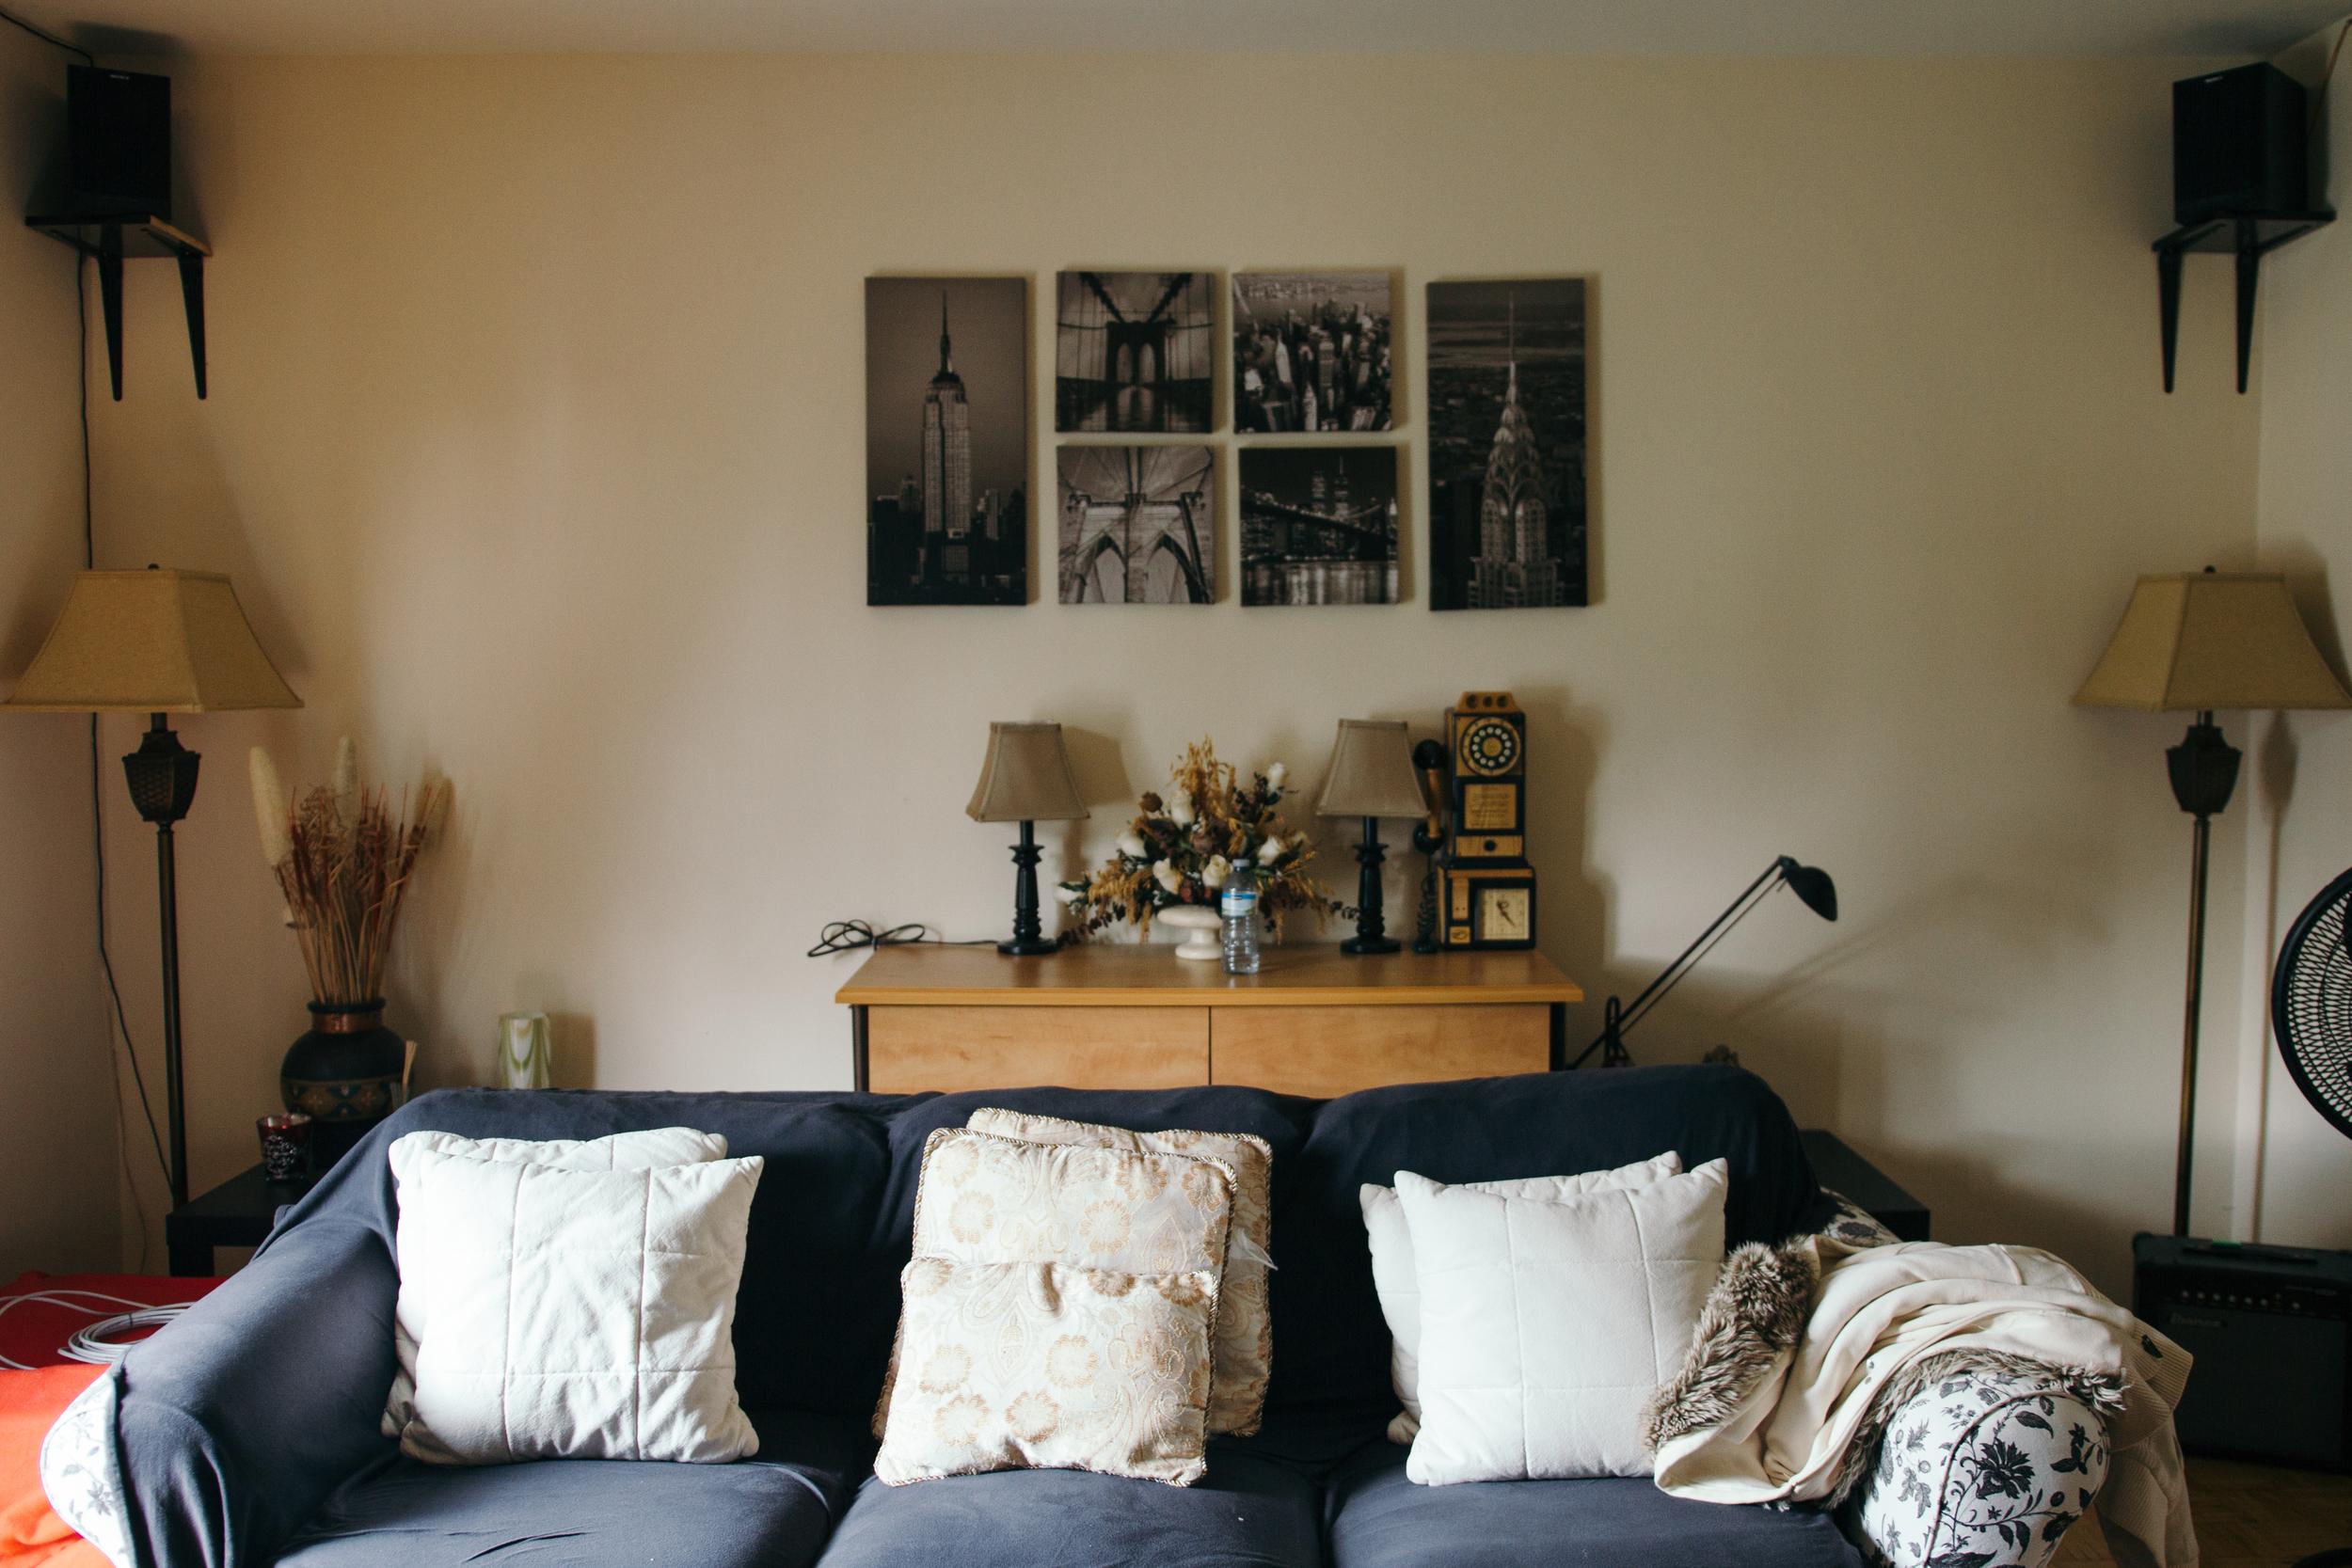 Their cute living room!